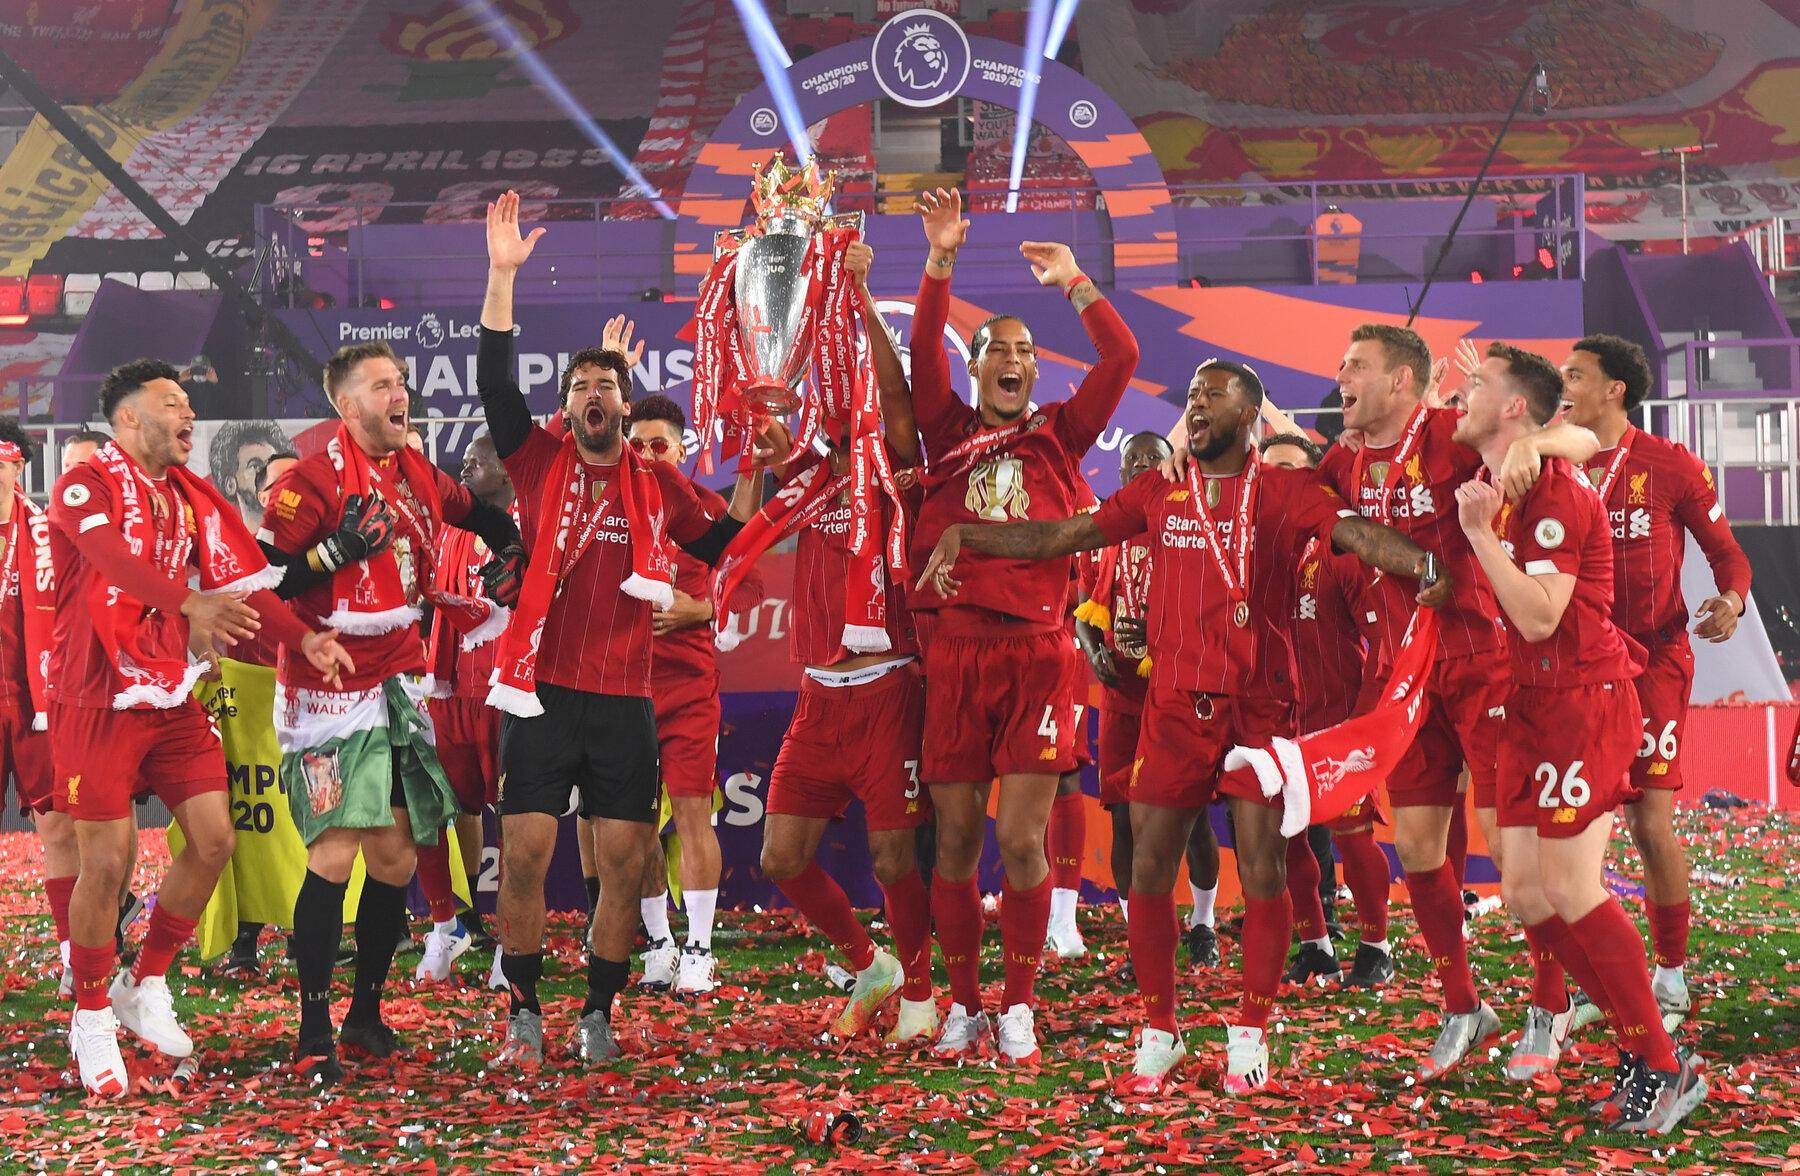 Calcio Estero Sky Sport, Premier League 1a Giornata (12 - 14 Settembre 2020)